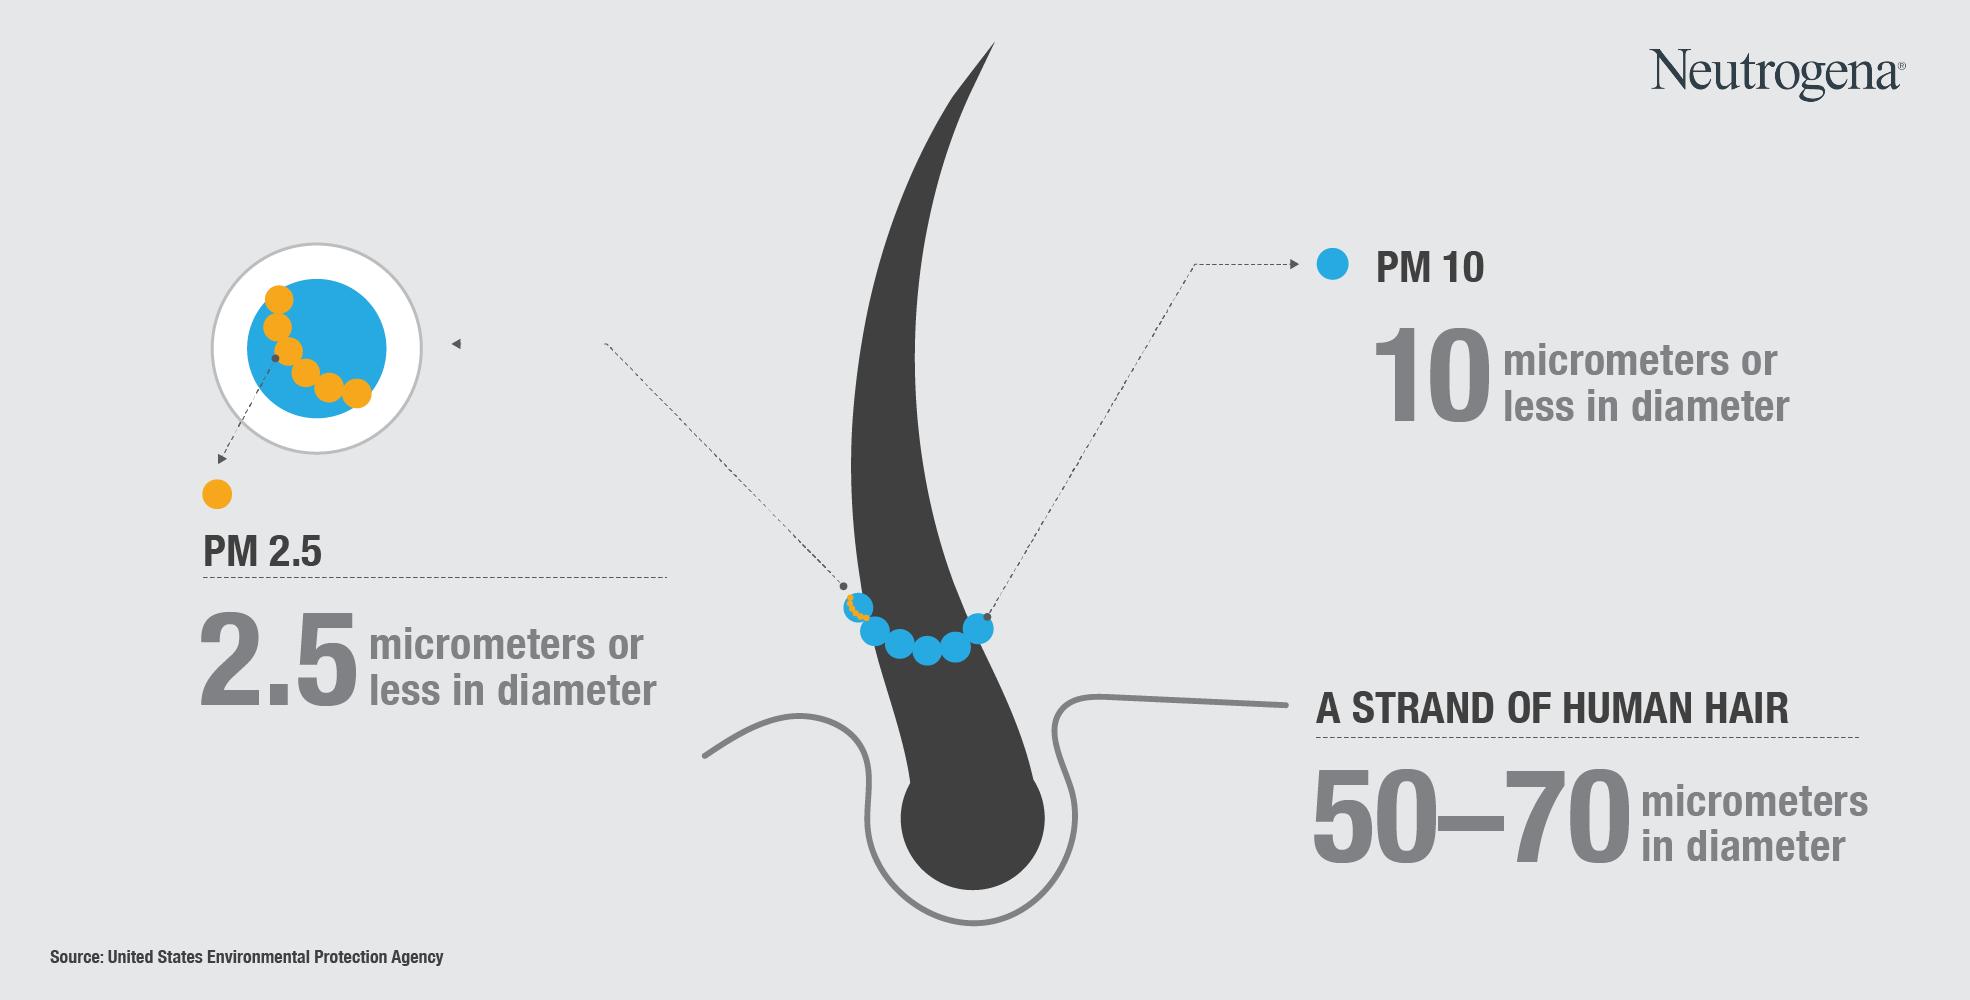 Partikel polusi PM 2.5 yang tidak terlihat mata dapat menyebabkan masalah kulit